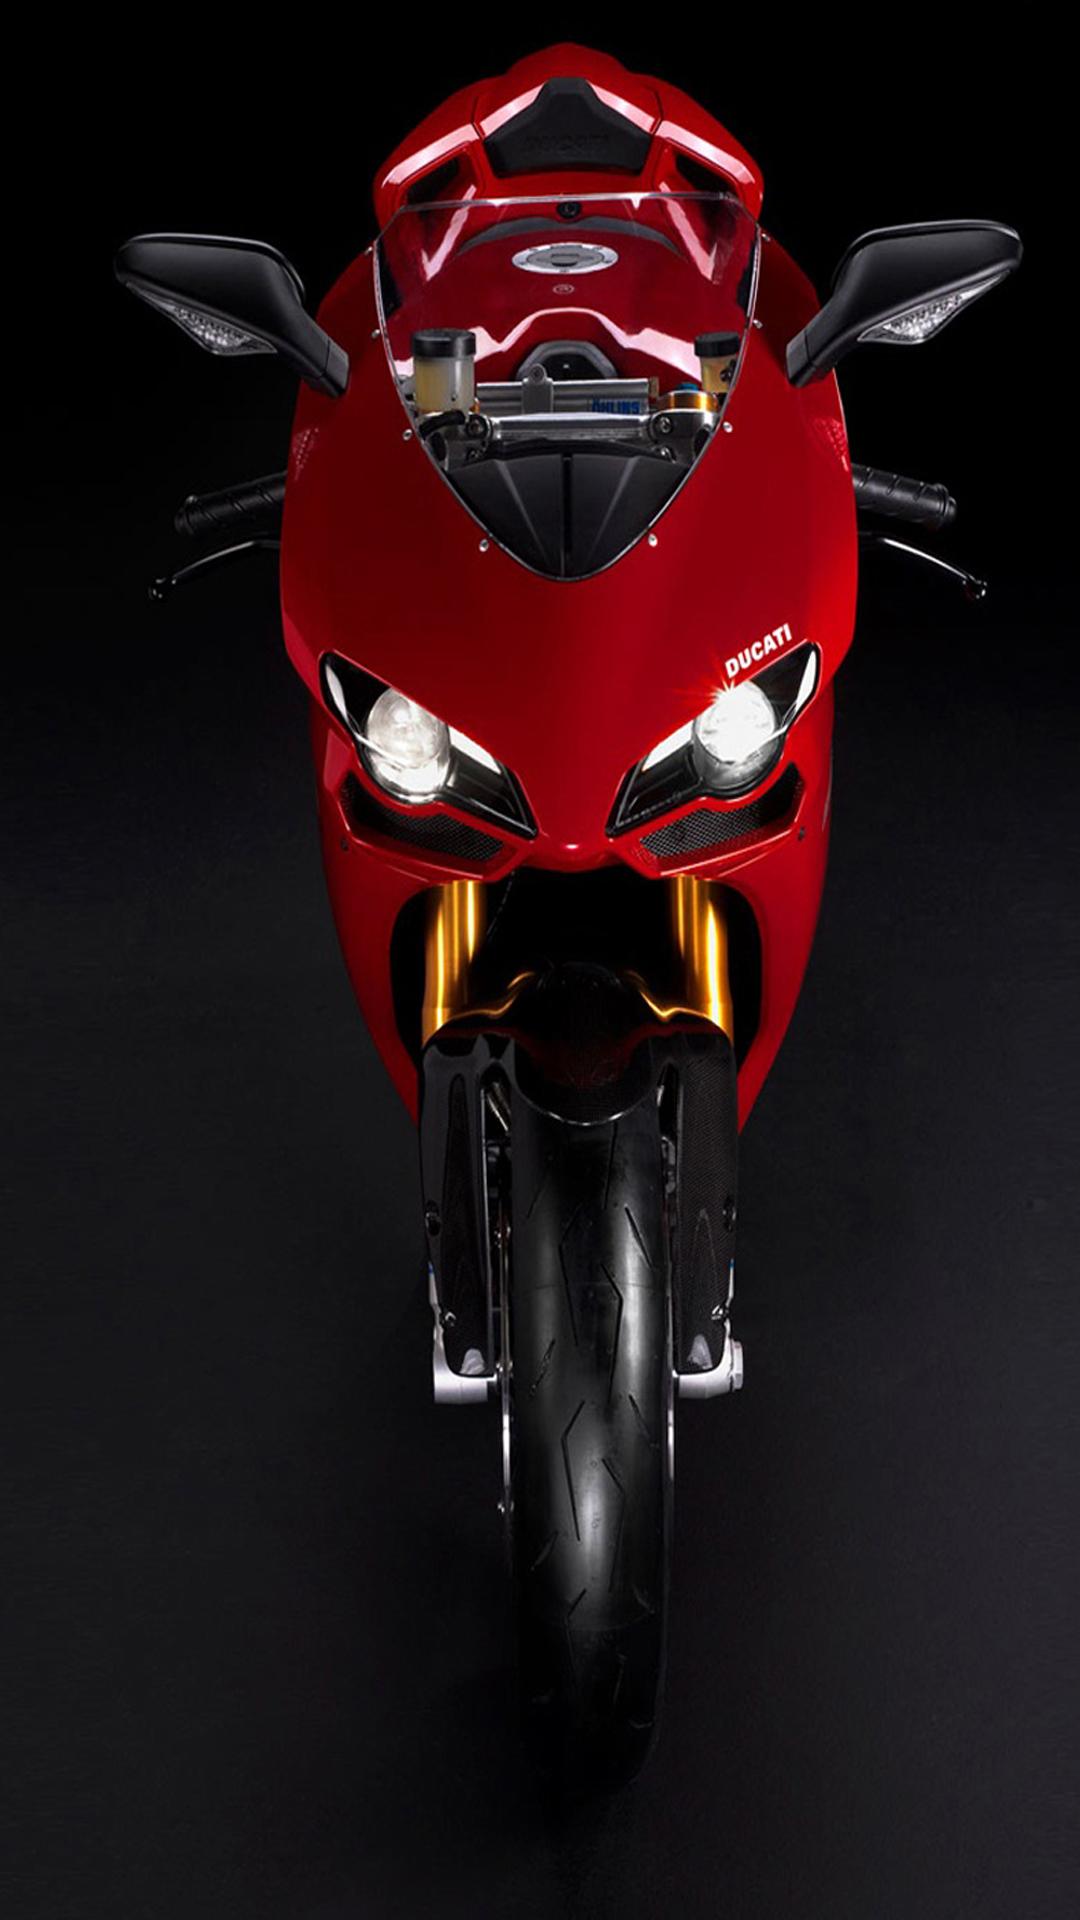 Fondo de pantalla con moto roja